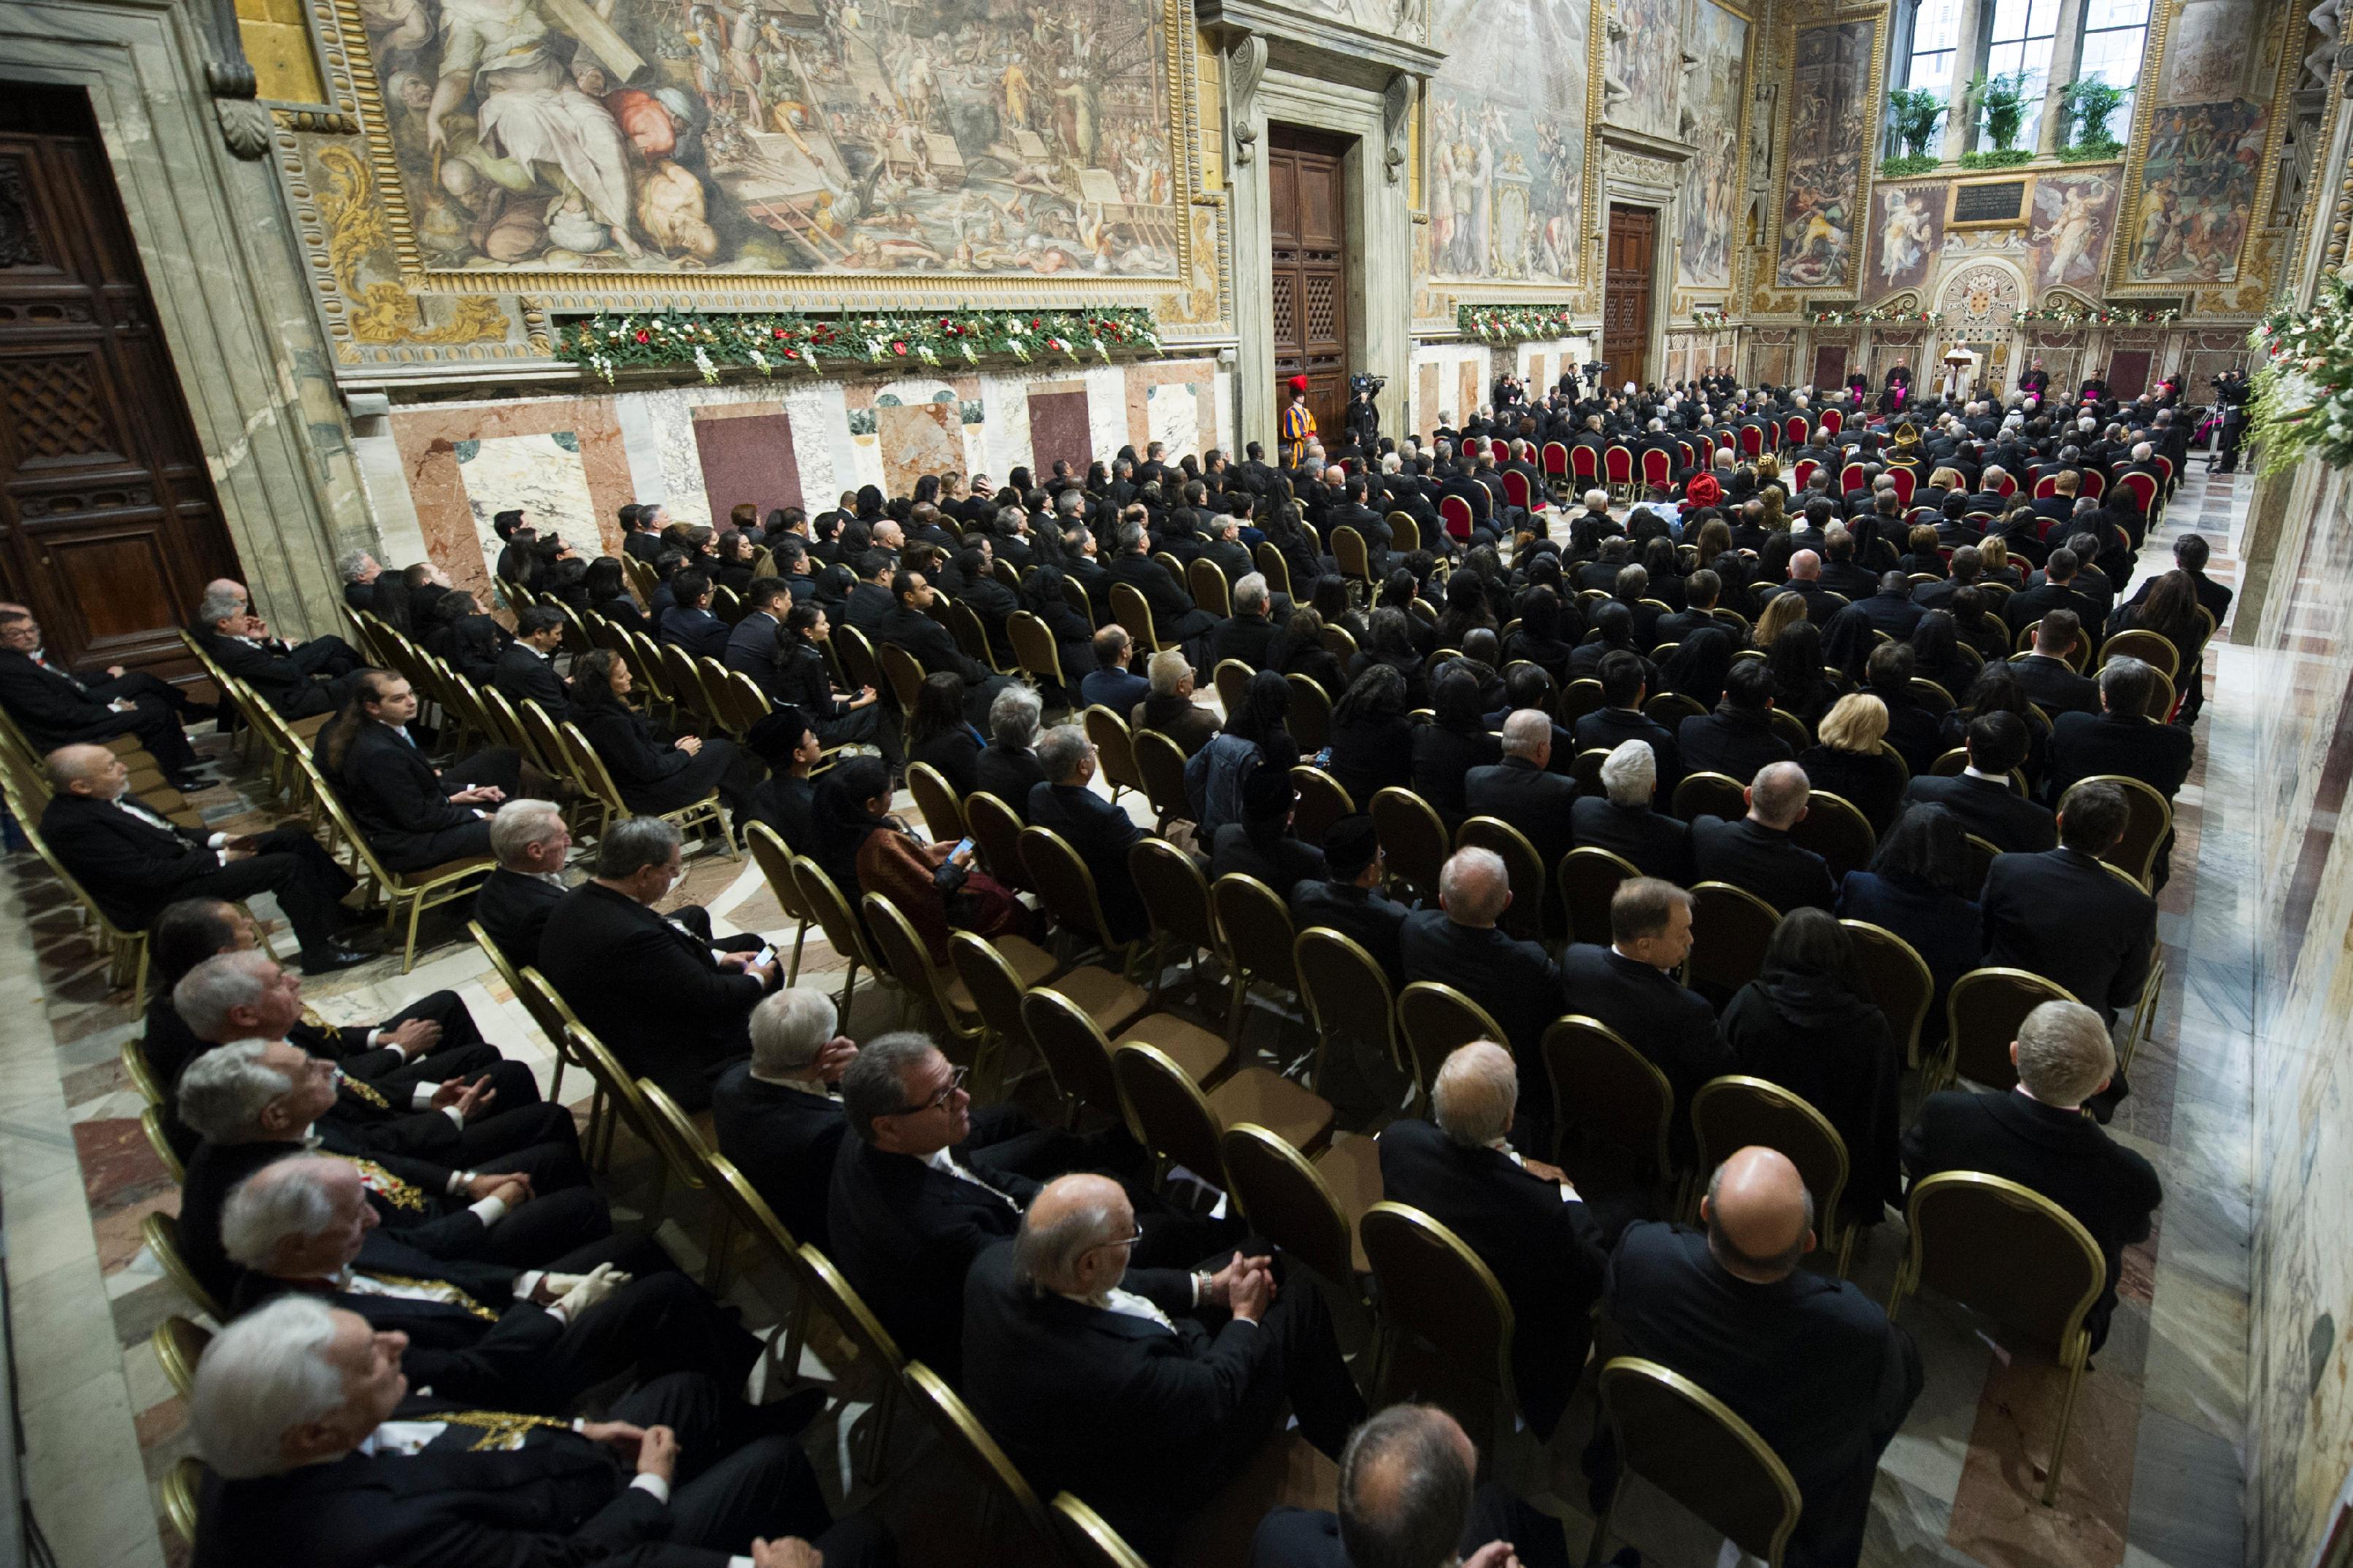 Voeux au Corps diplomatique, 9 janv. 2017 © L'Osservatore Romano